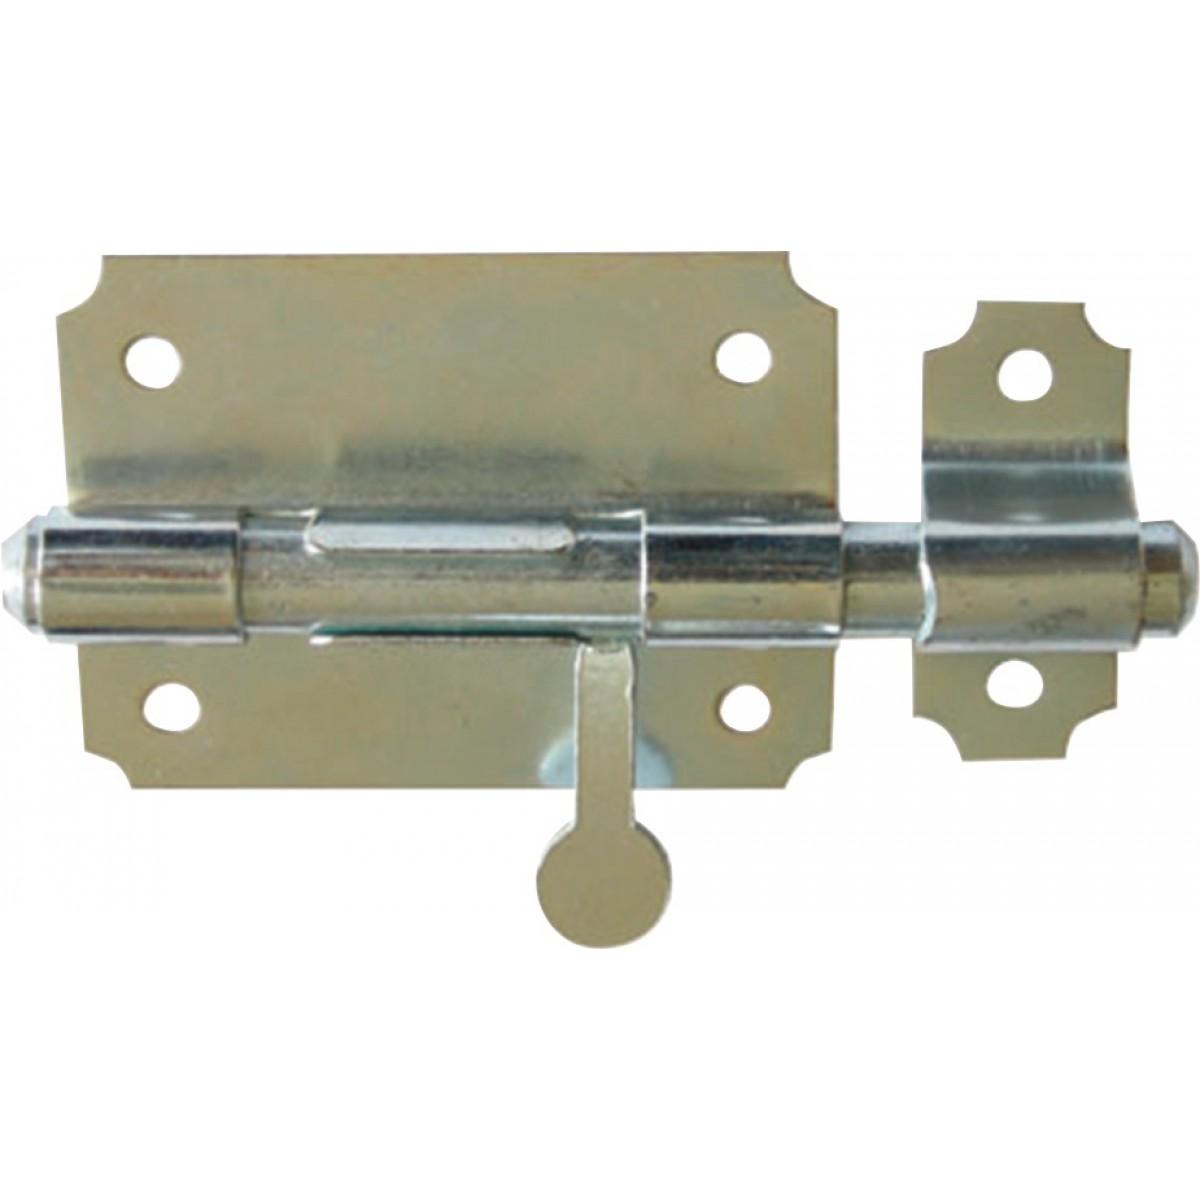 Verrou de box bouton poire Torbel - Acier zingué blanc- Diamètre pêne 18 mm